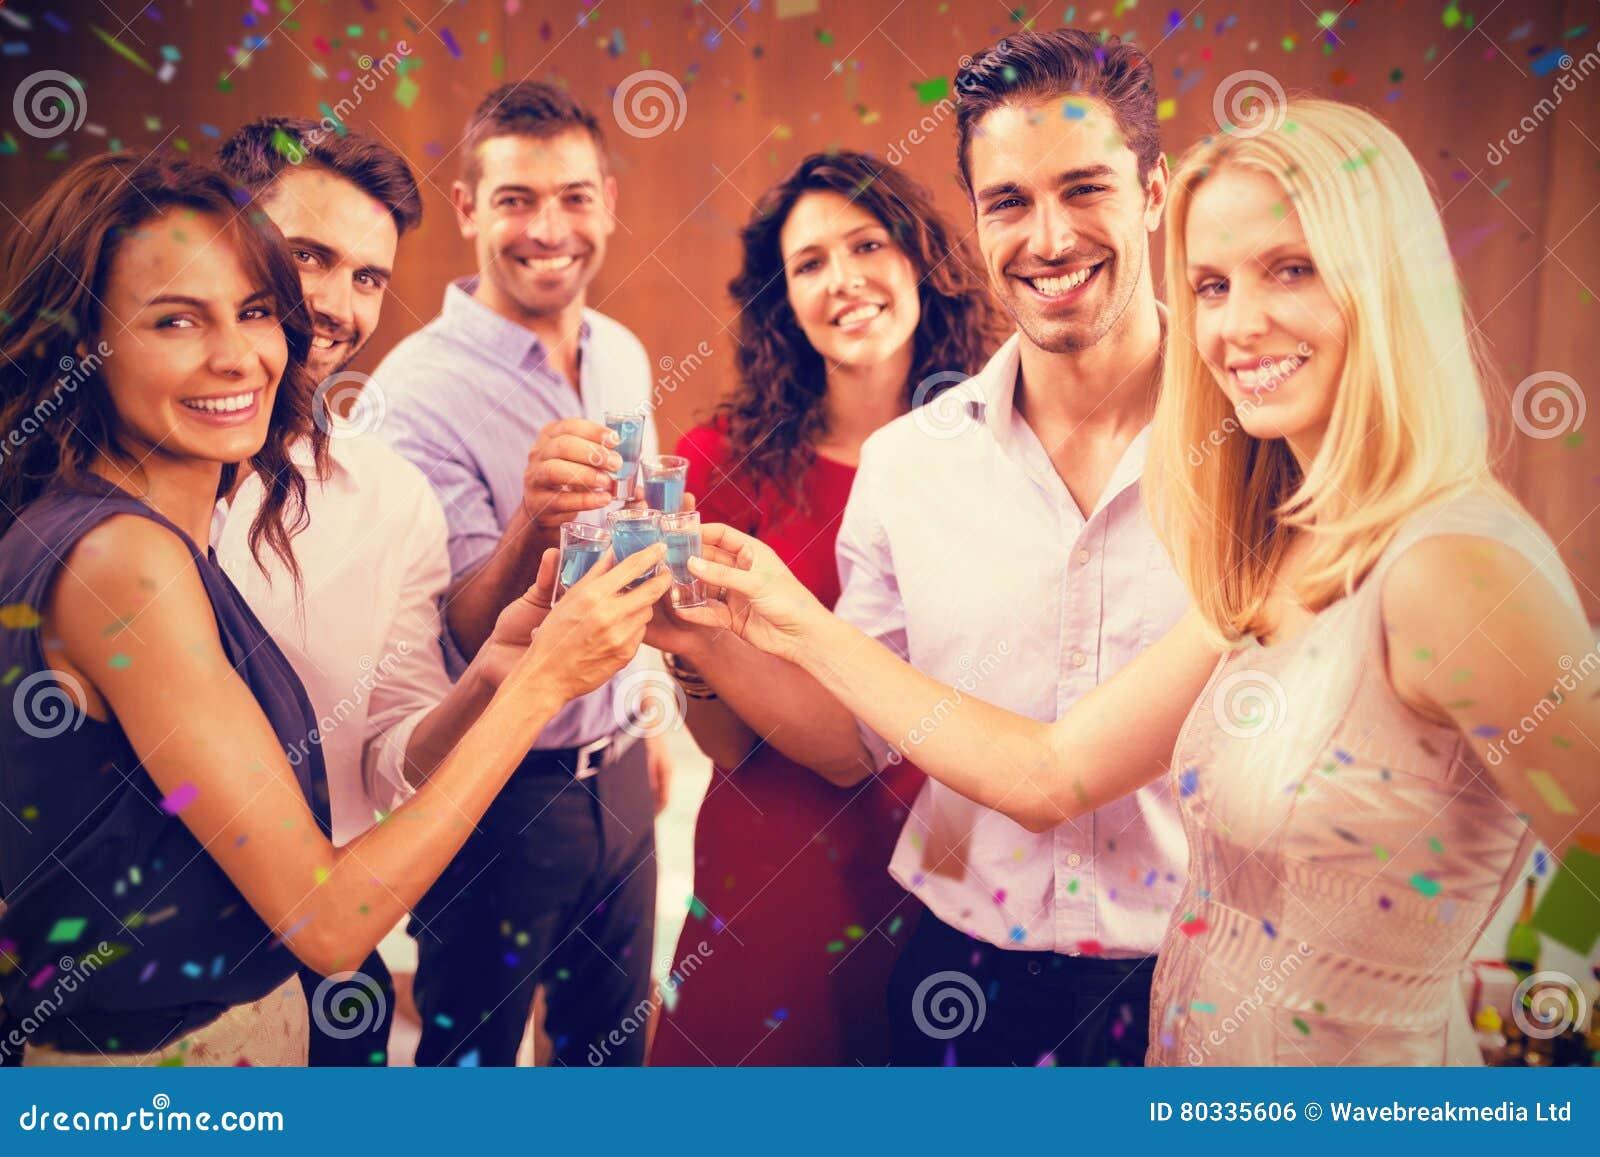 Samengesteld beeld van portret van vrienden die schoten drinken terwijl zich het verenigen